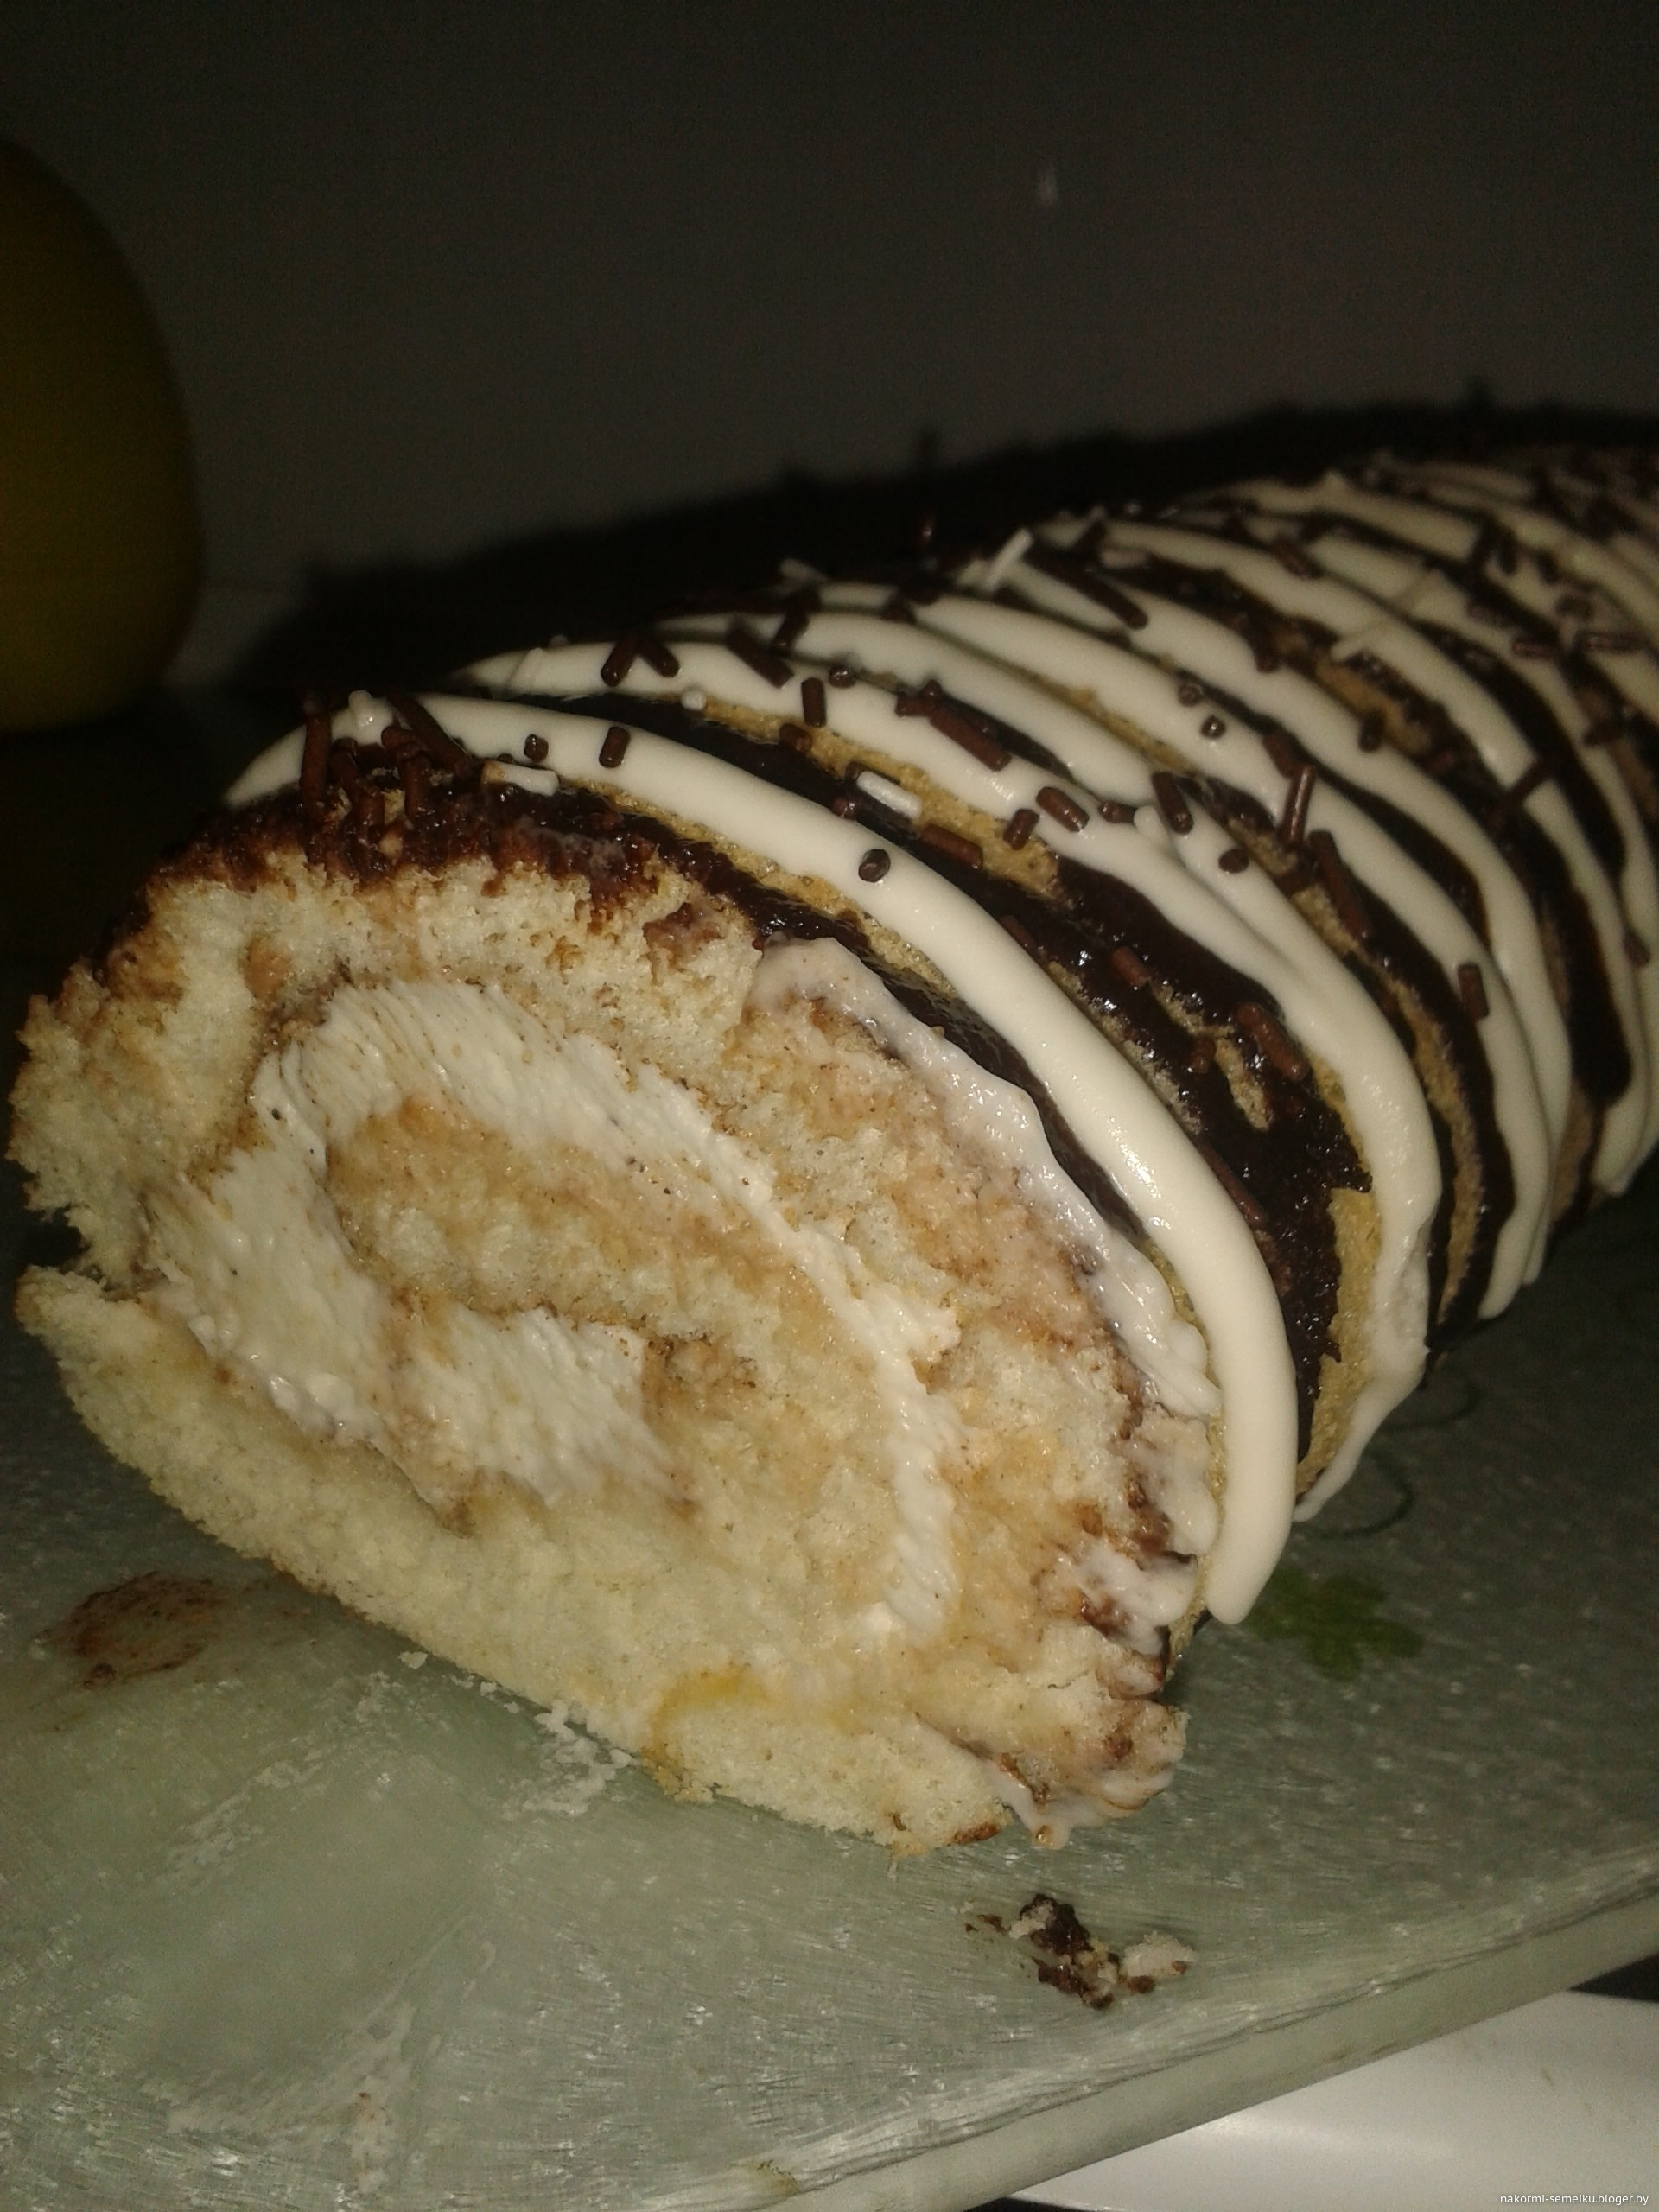 Крем для рулета бисквитного рецепт пошагово в